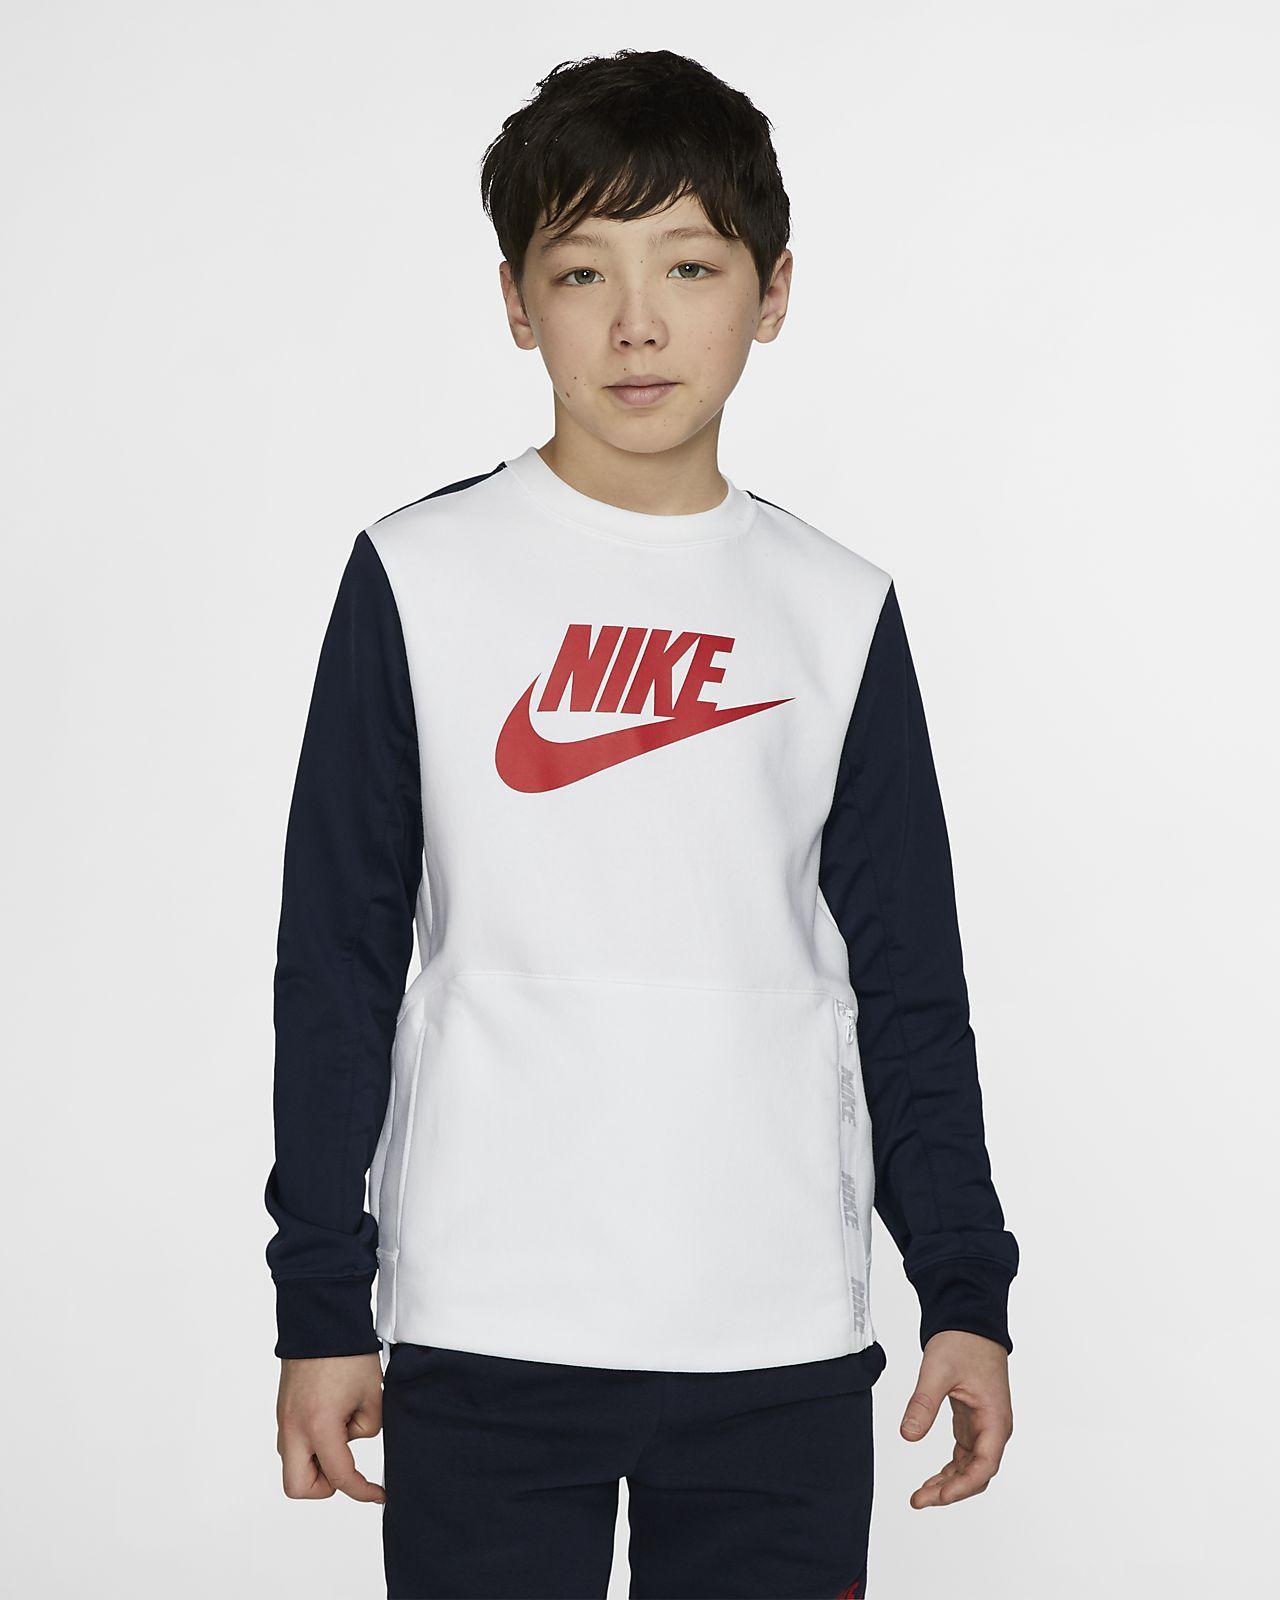 Mikina s kulatým výstřihem Nike Sportswear pro větší děti